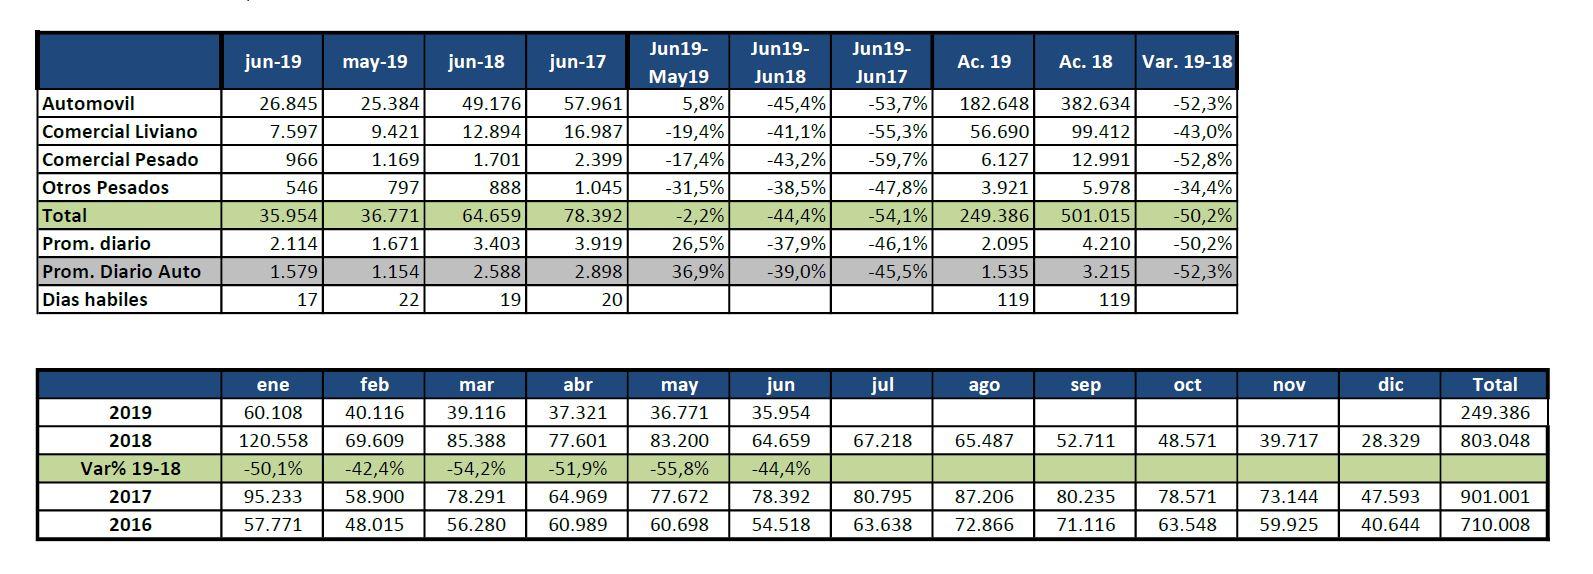 Patentamientos en junio de 2019. Fuente: Acara